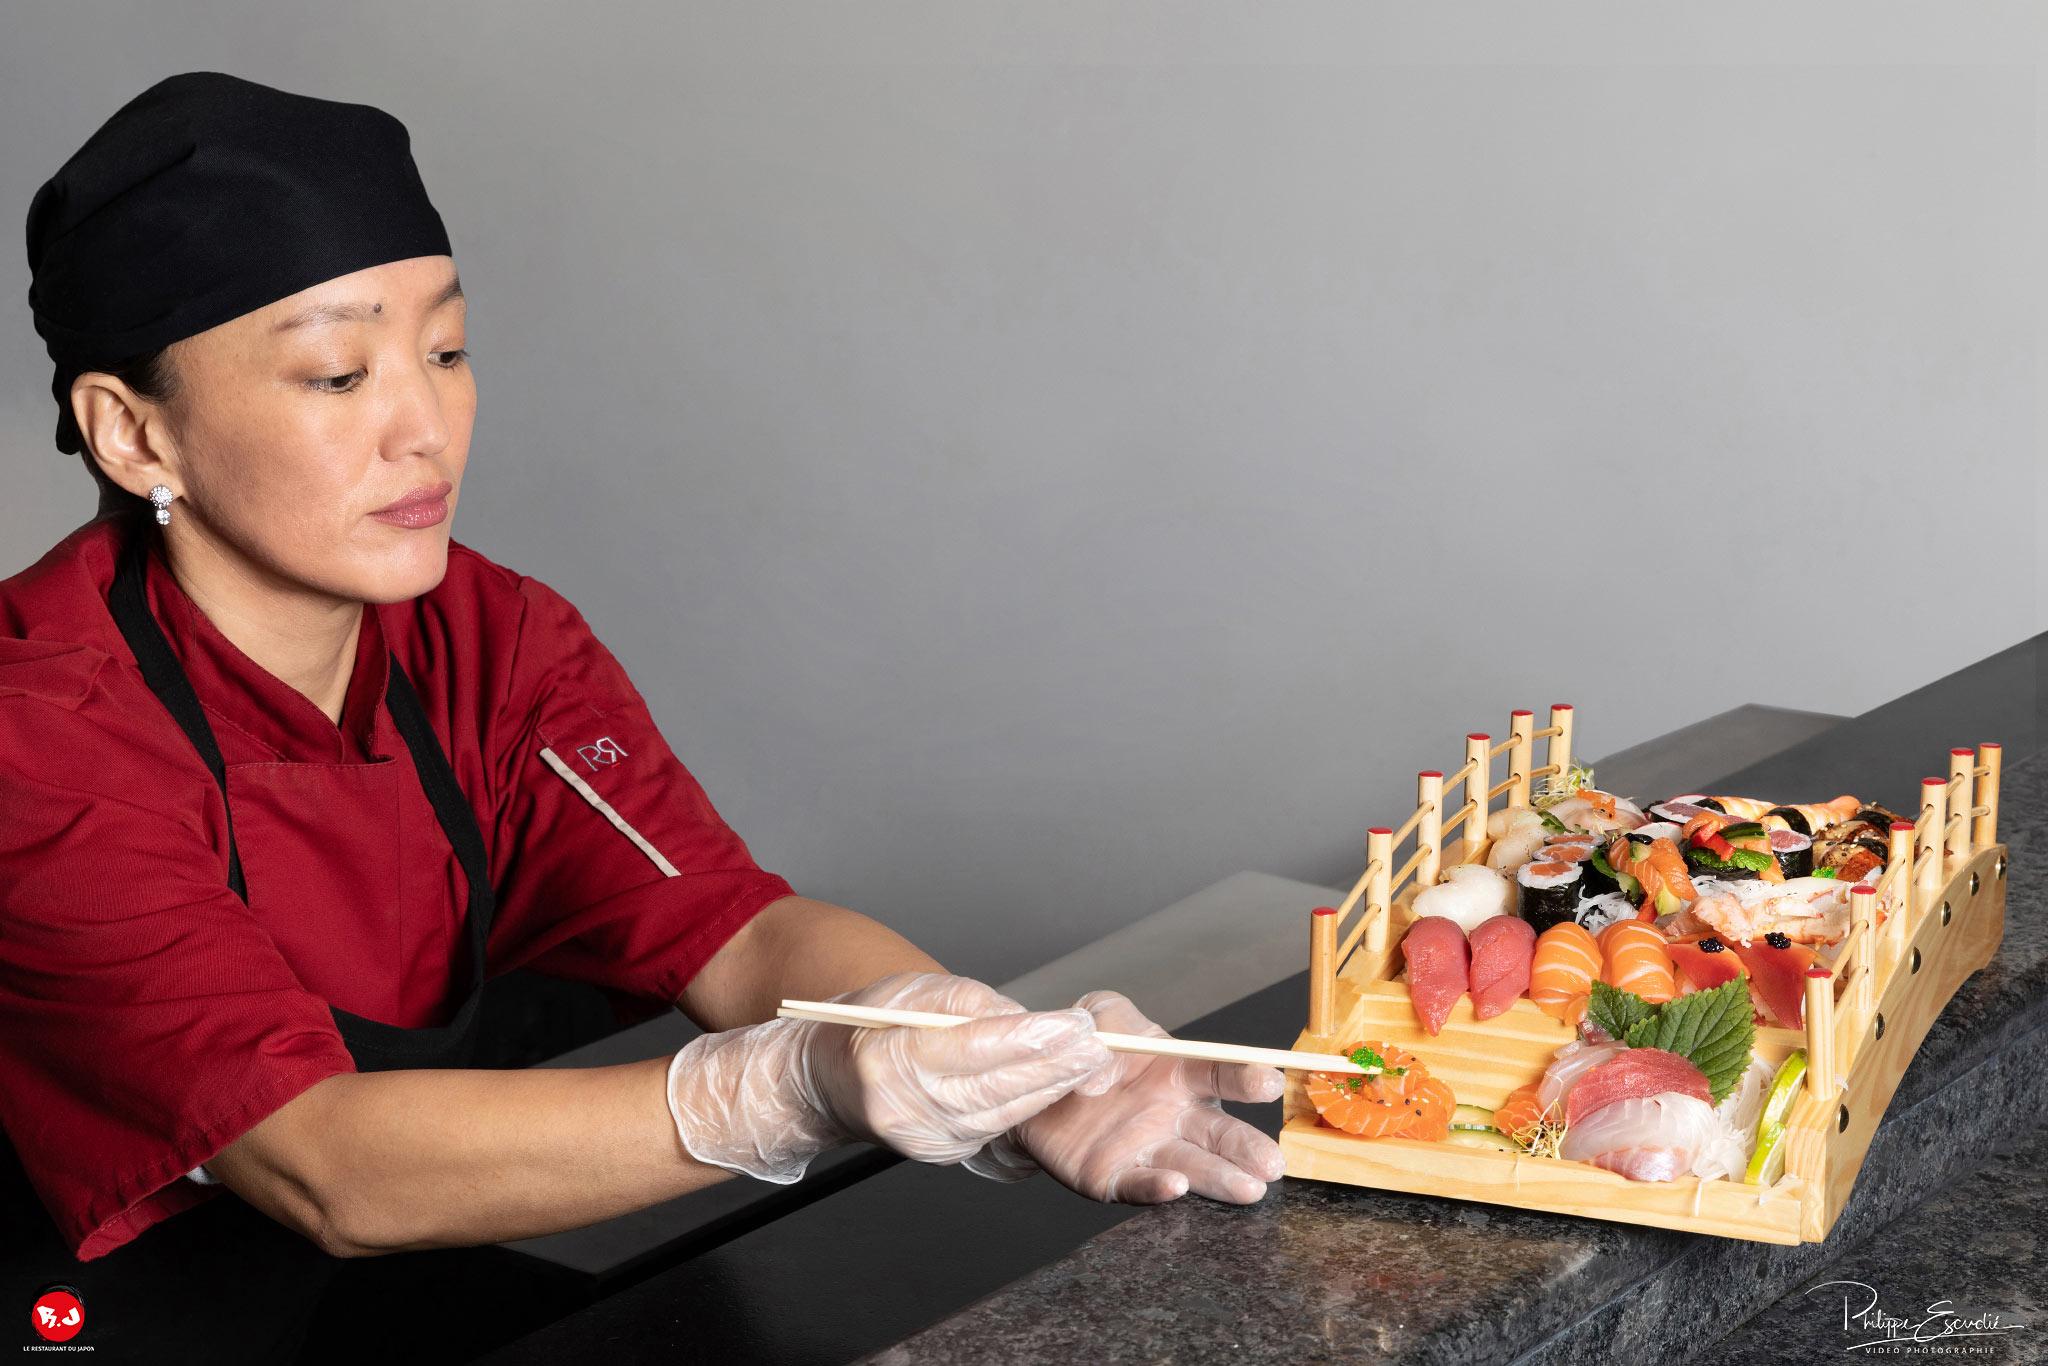 une chef cuisinière utilise des baguettes pour poser des oeufs de lompe sur un plat composé de sushis